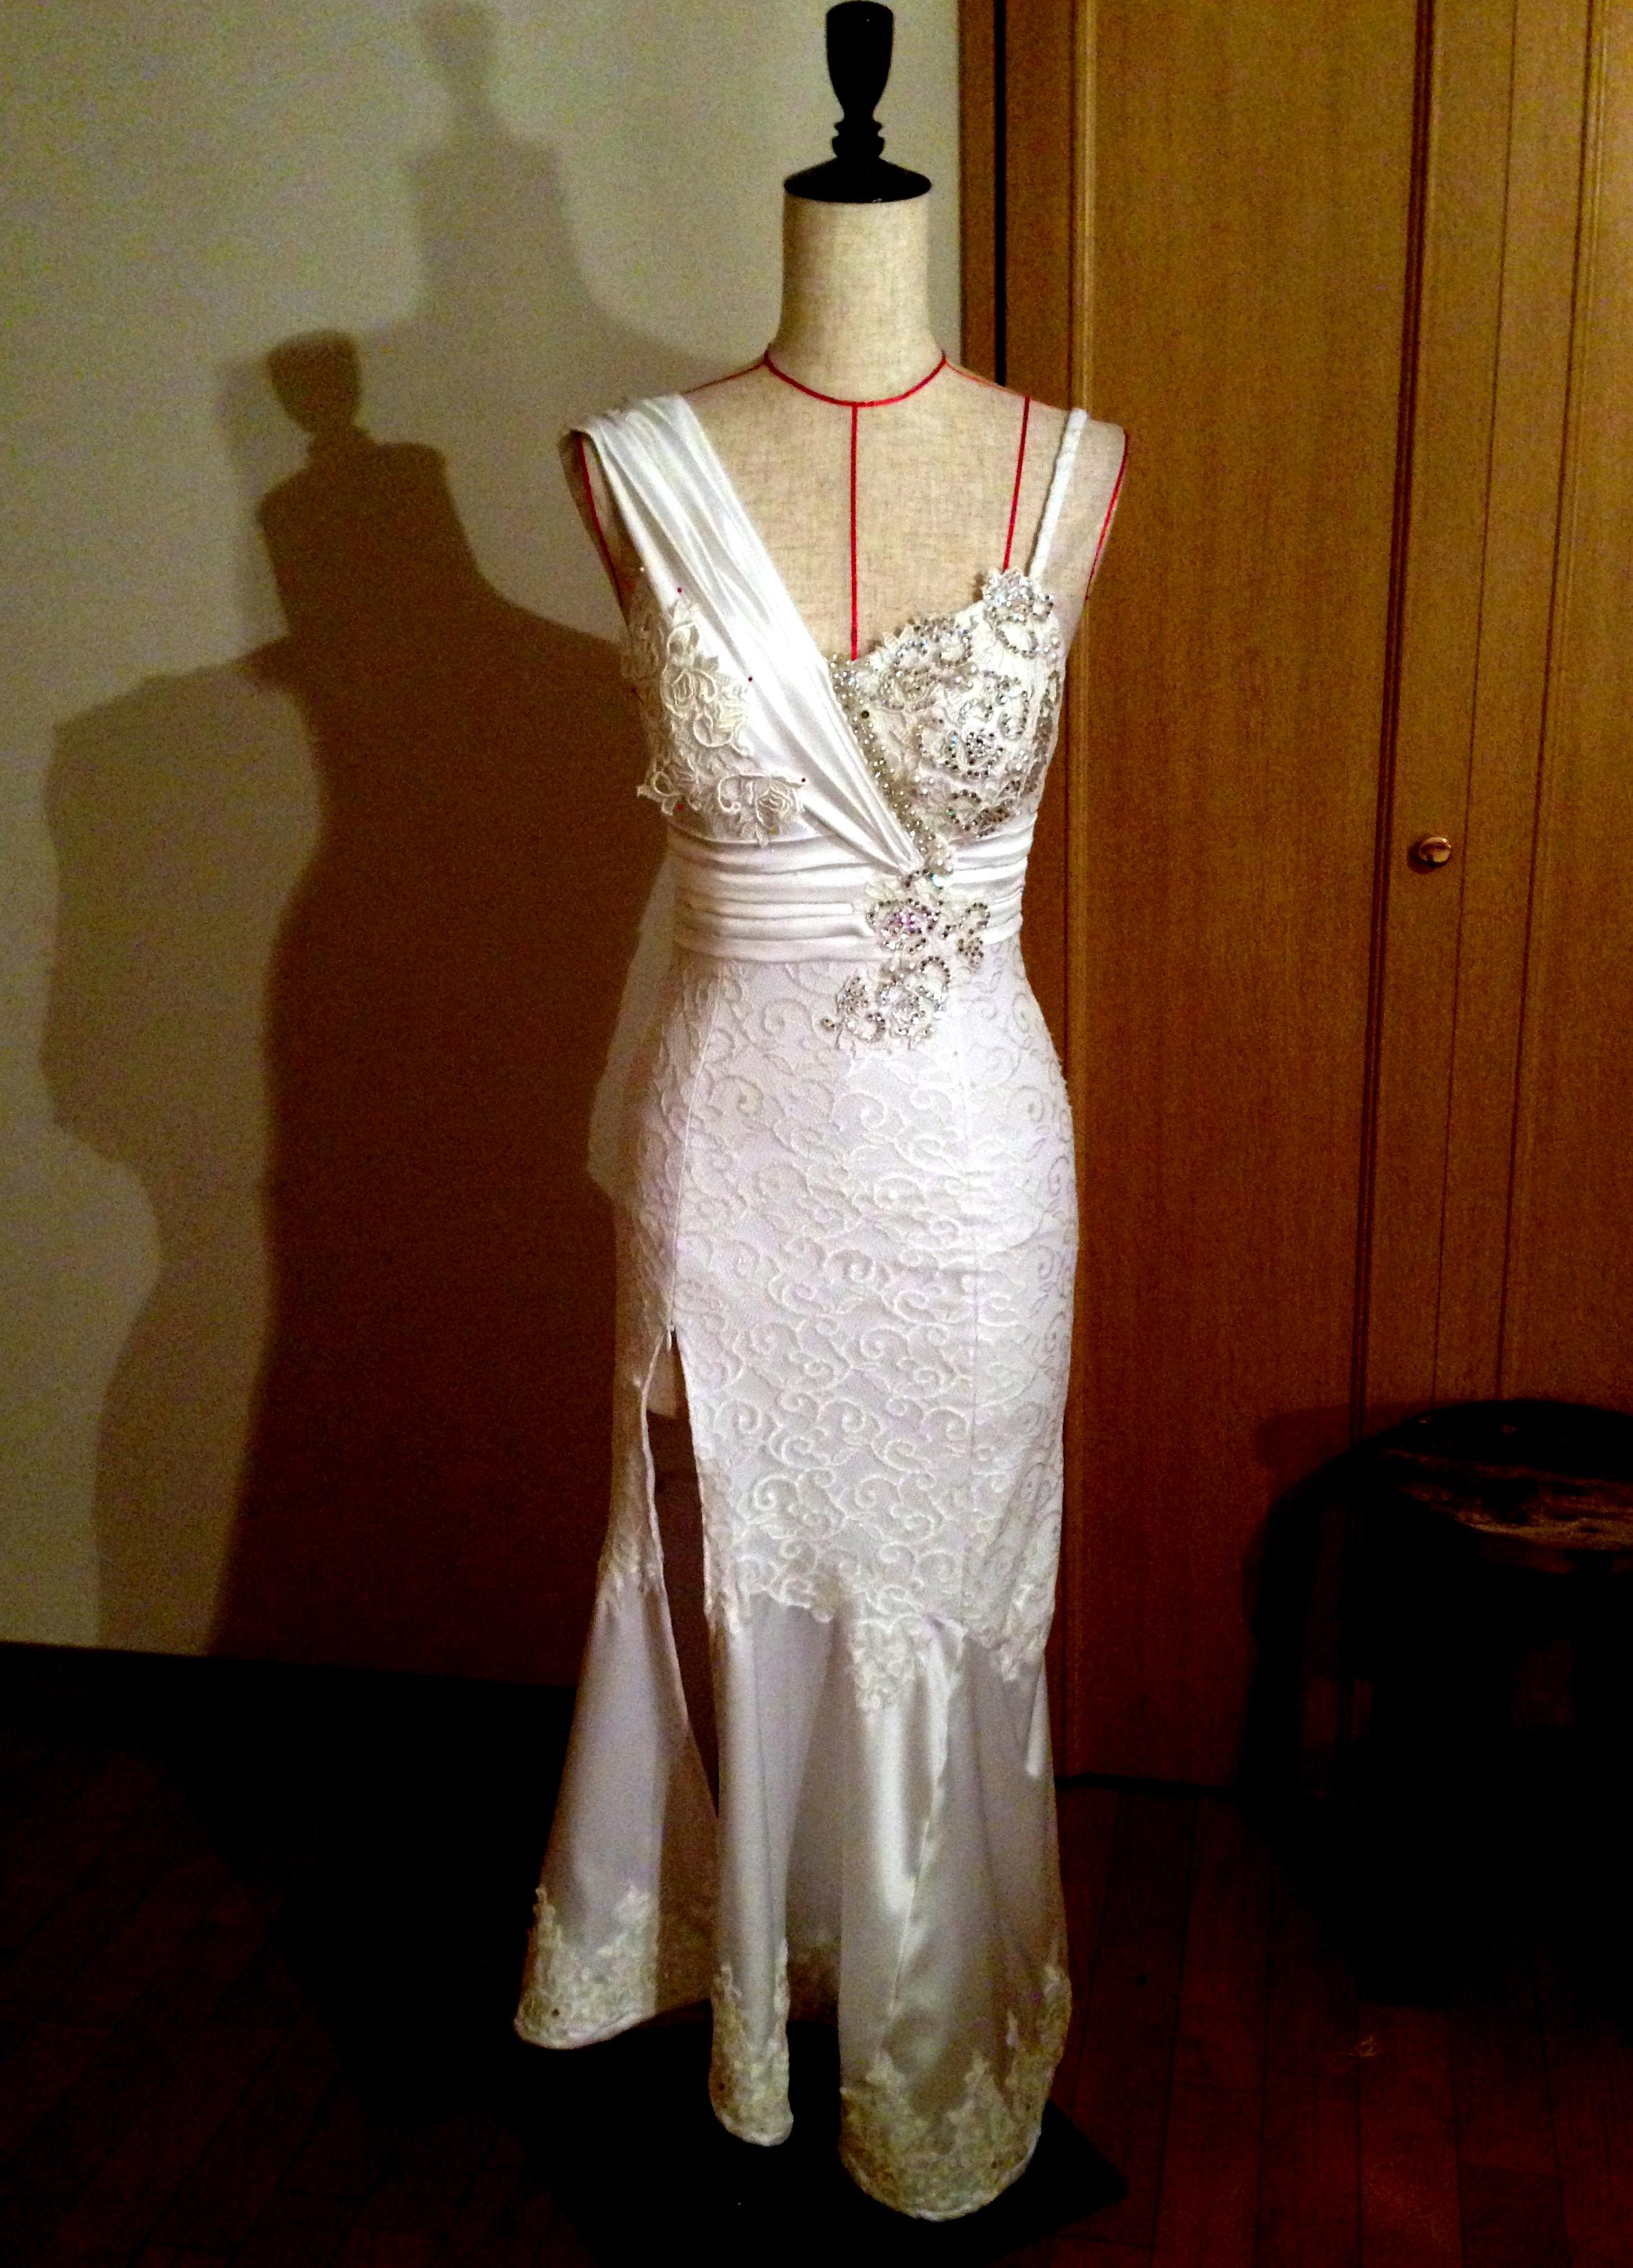 ウェディングダンス用白ドレス ~裁断から仮縫いまで~